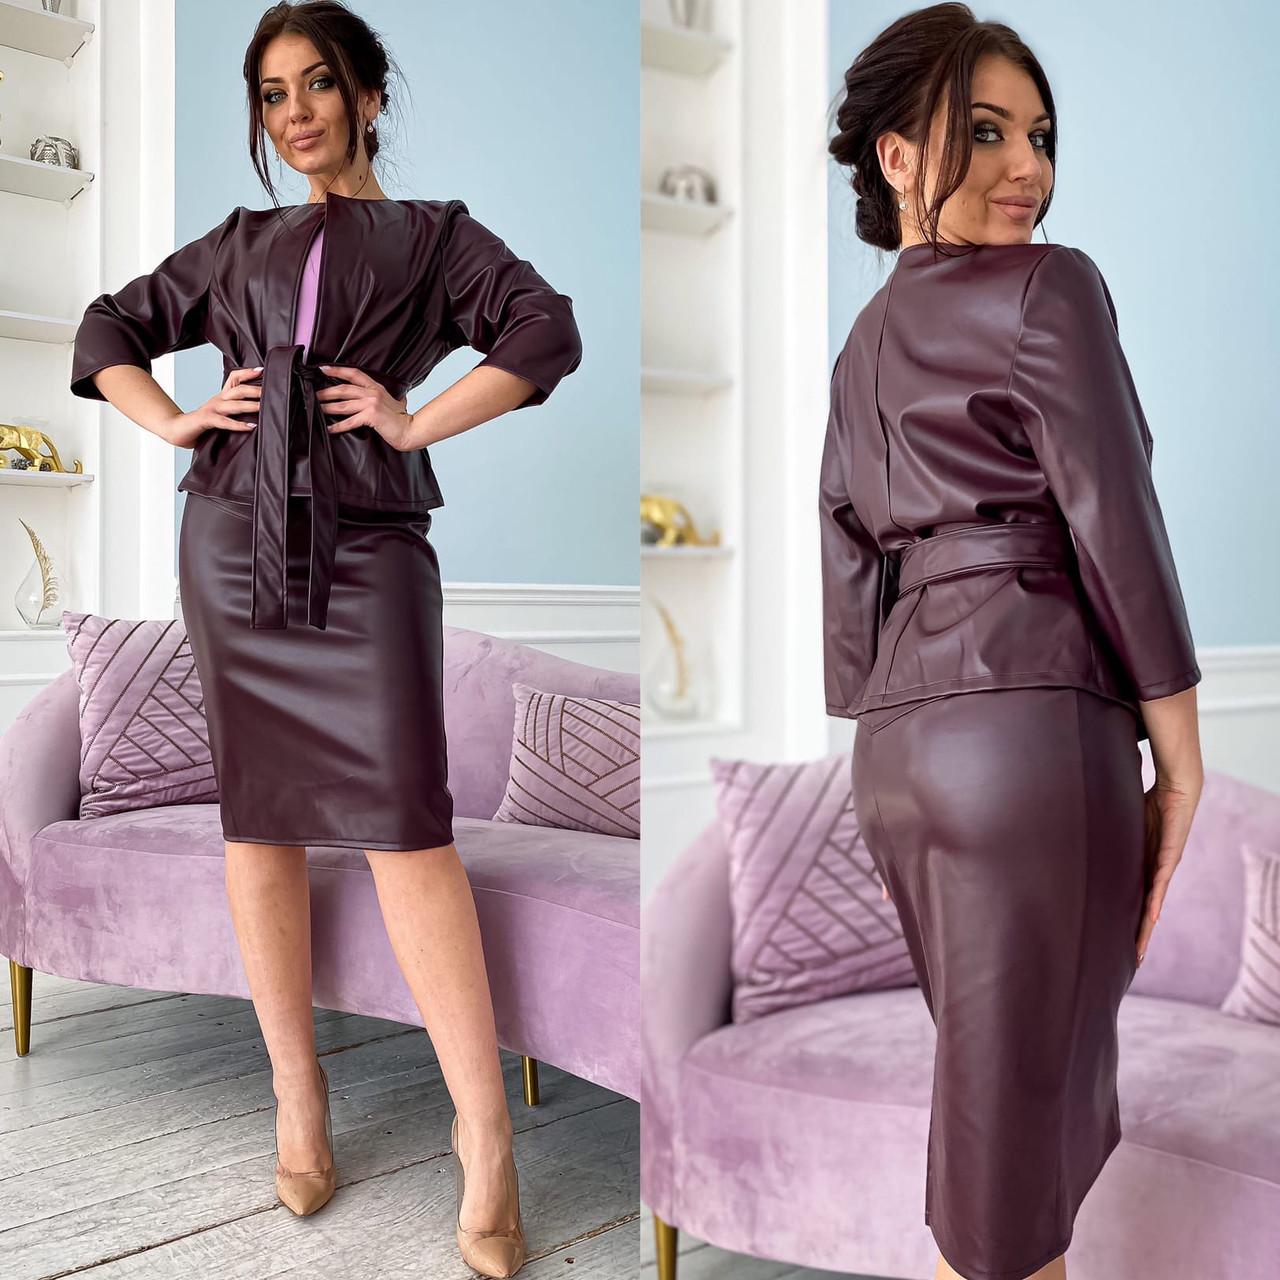 Стильный женский кожаный костюм: жакет с поясом и облегающая юбка, батал большие размеры